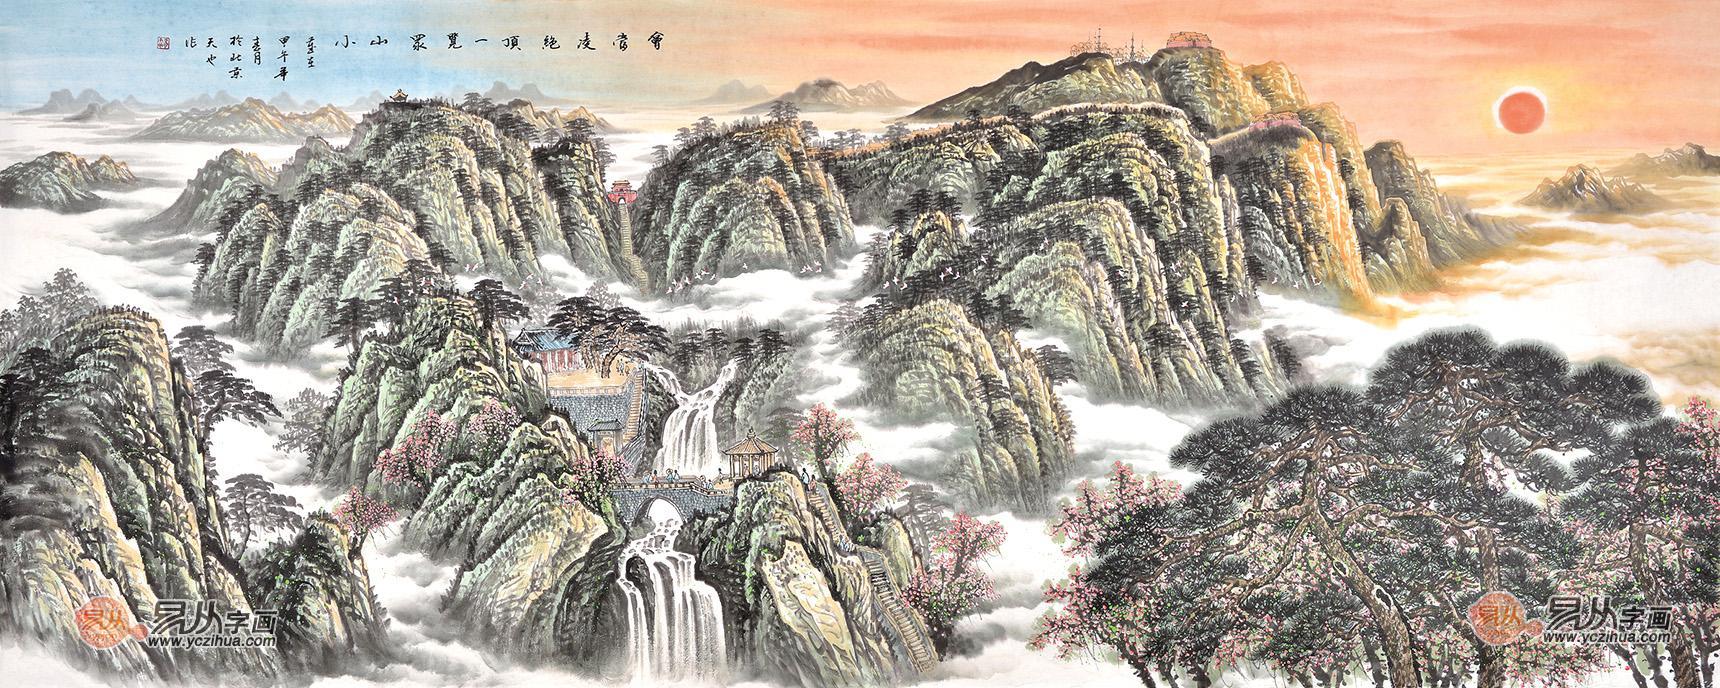 山松树绘画作品